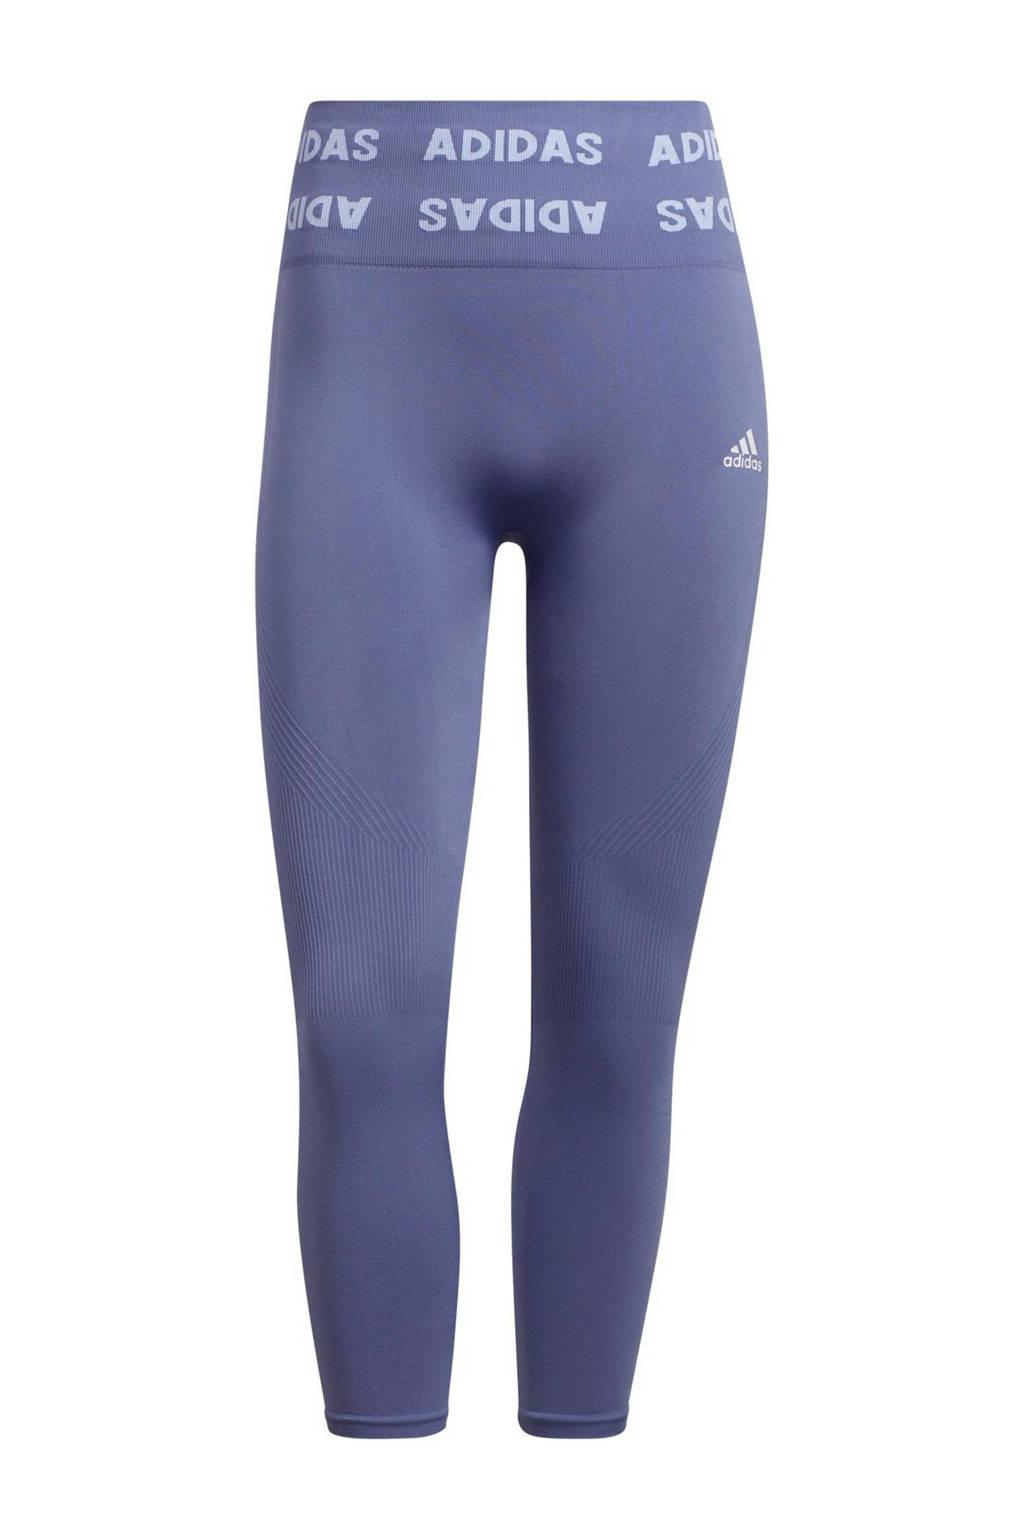 adidas Performance 7/8 sportlegging violet, Violet